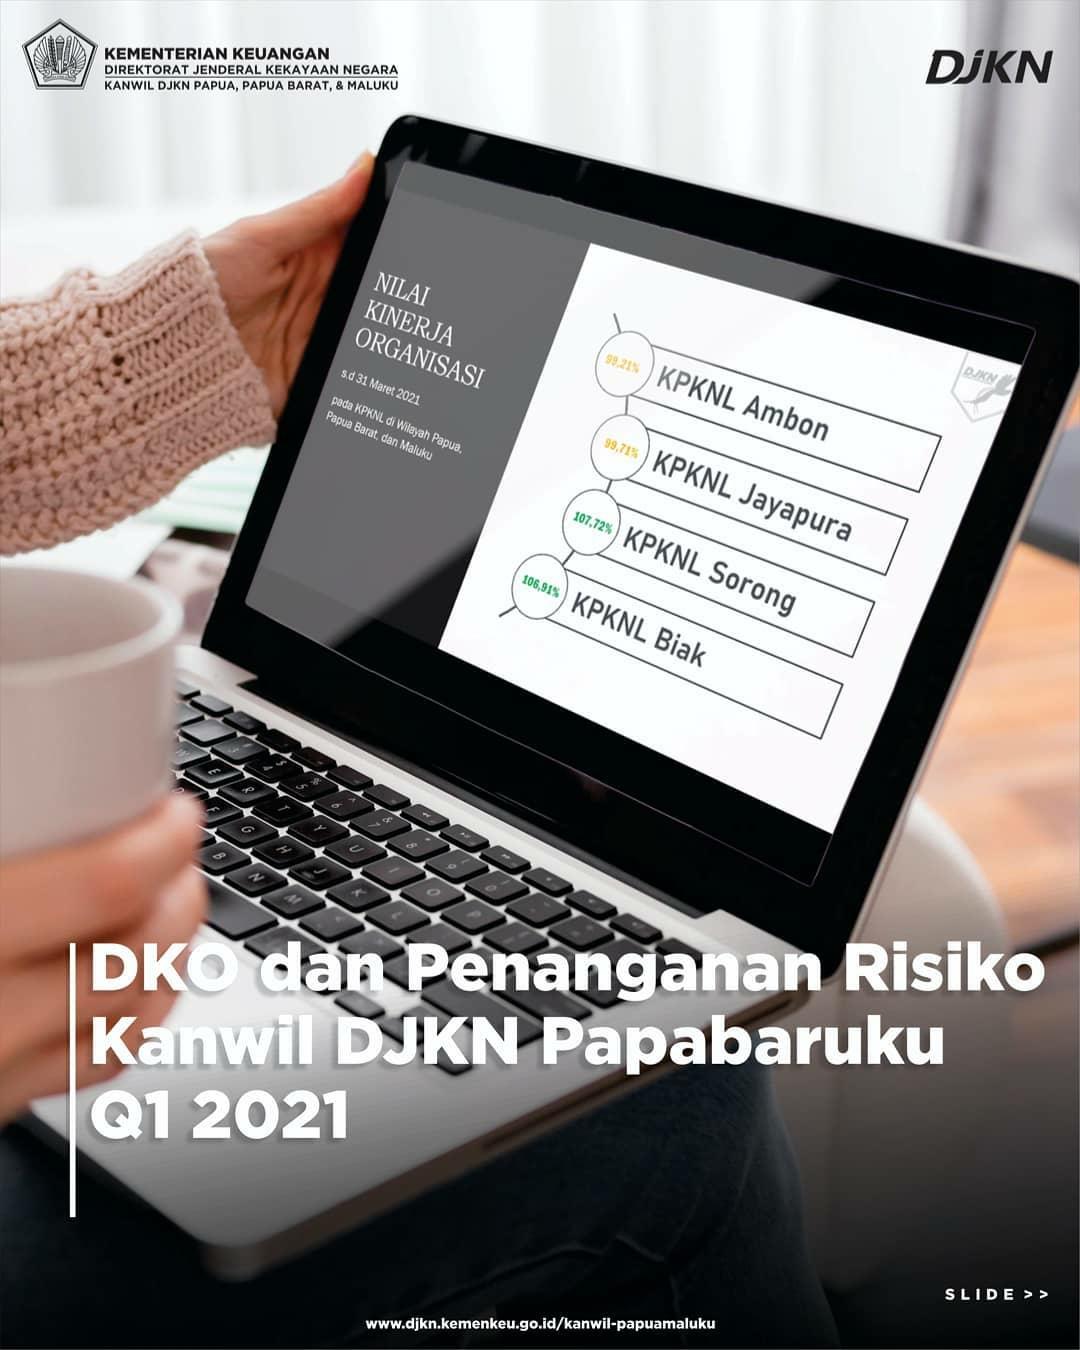 Dialog Kinerja Organisasi dan Rapat Mitigasi Risiko Triwulan I Tahun 2021